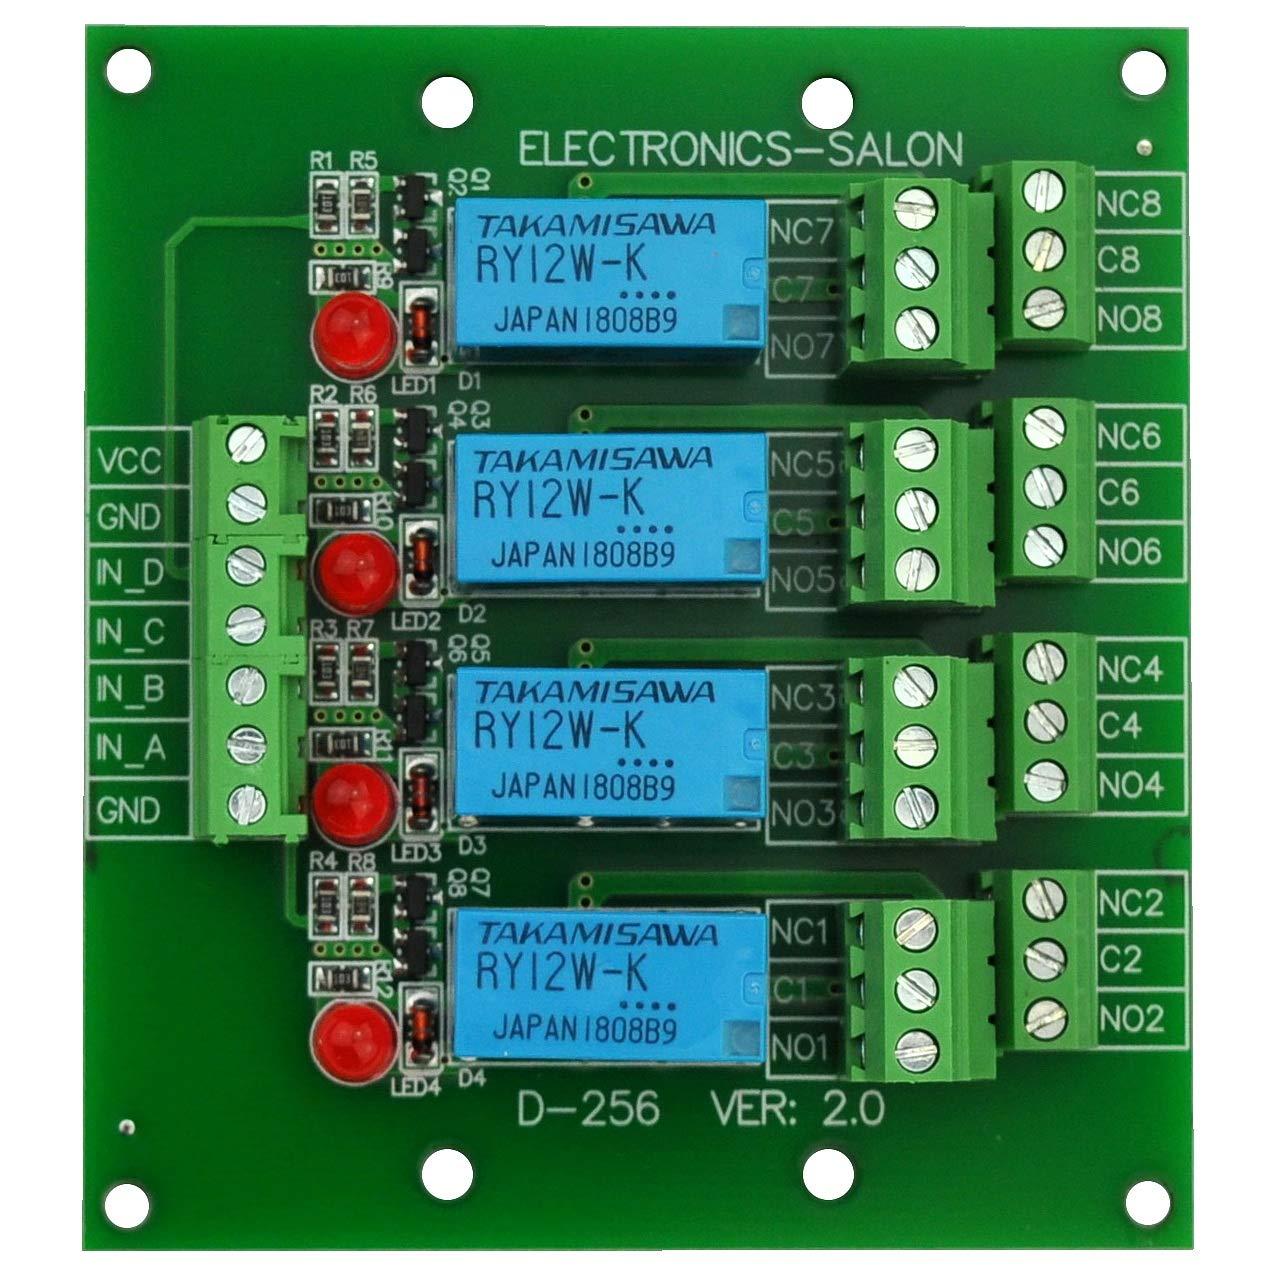 Electronics-Salon quatre Signal de la voix DPDT Module de relais 12 V Conseil, version.